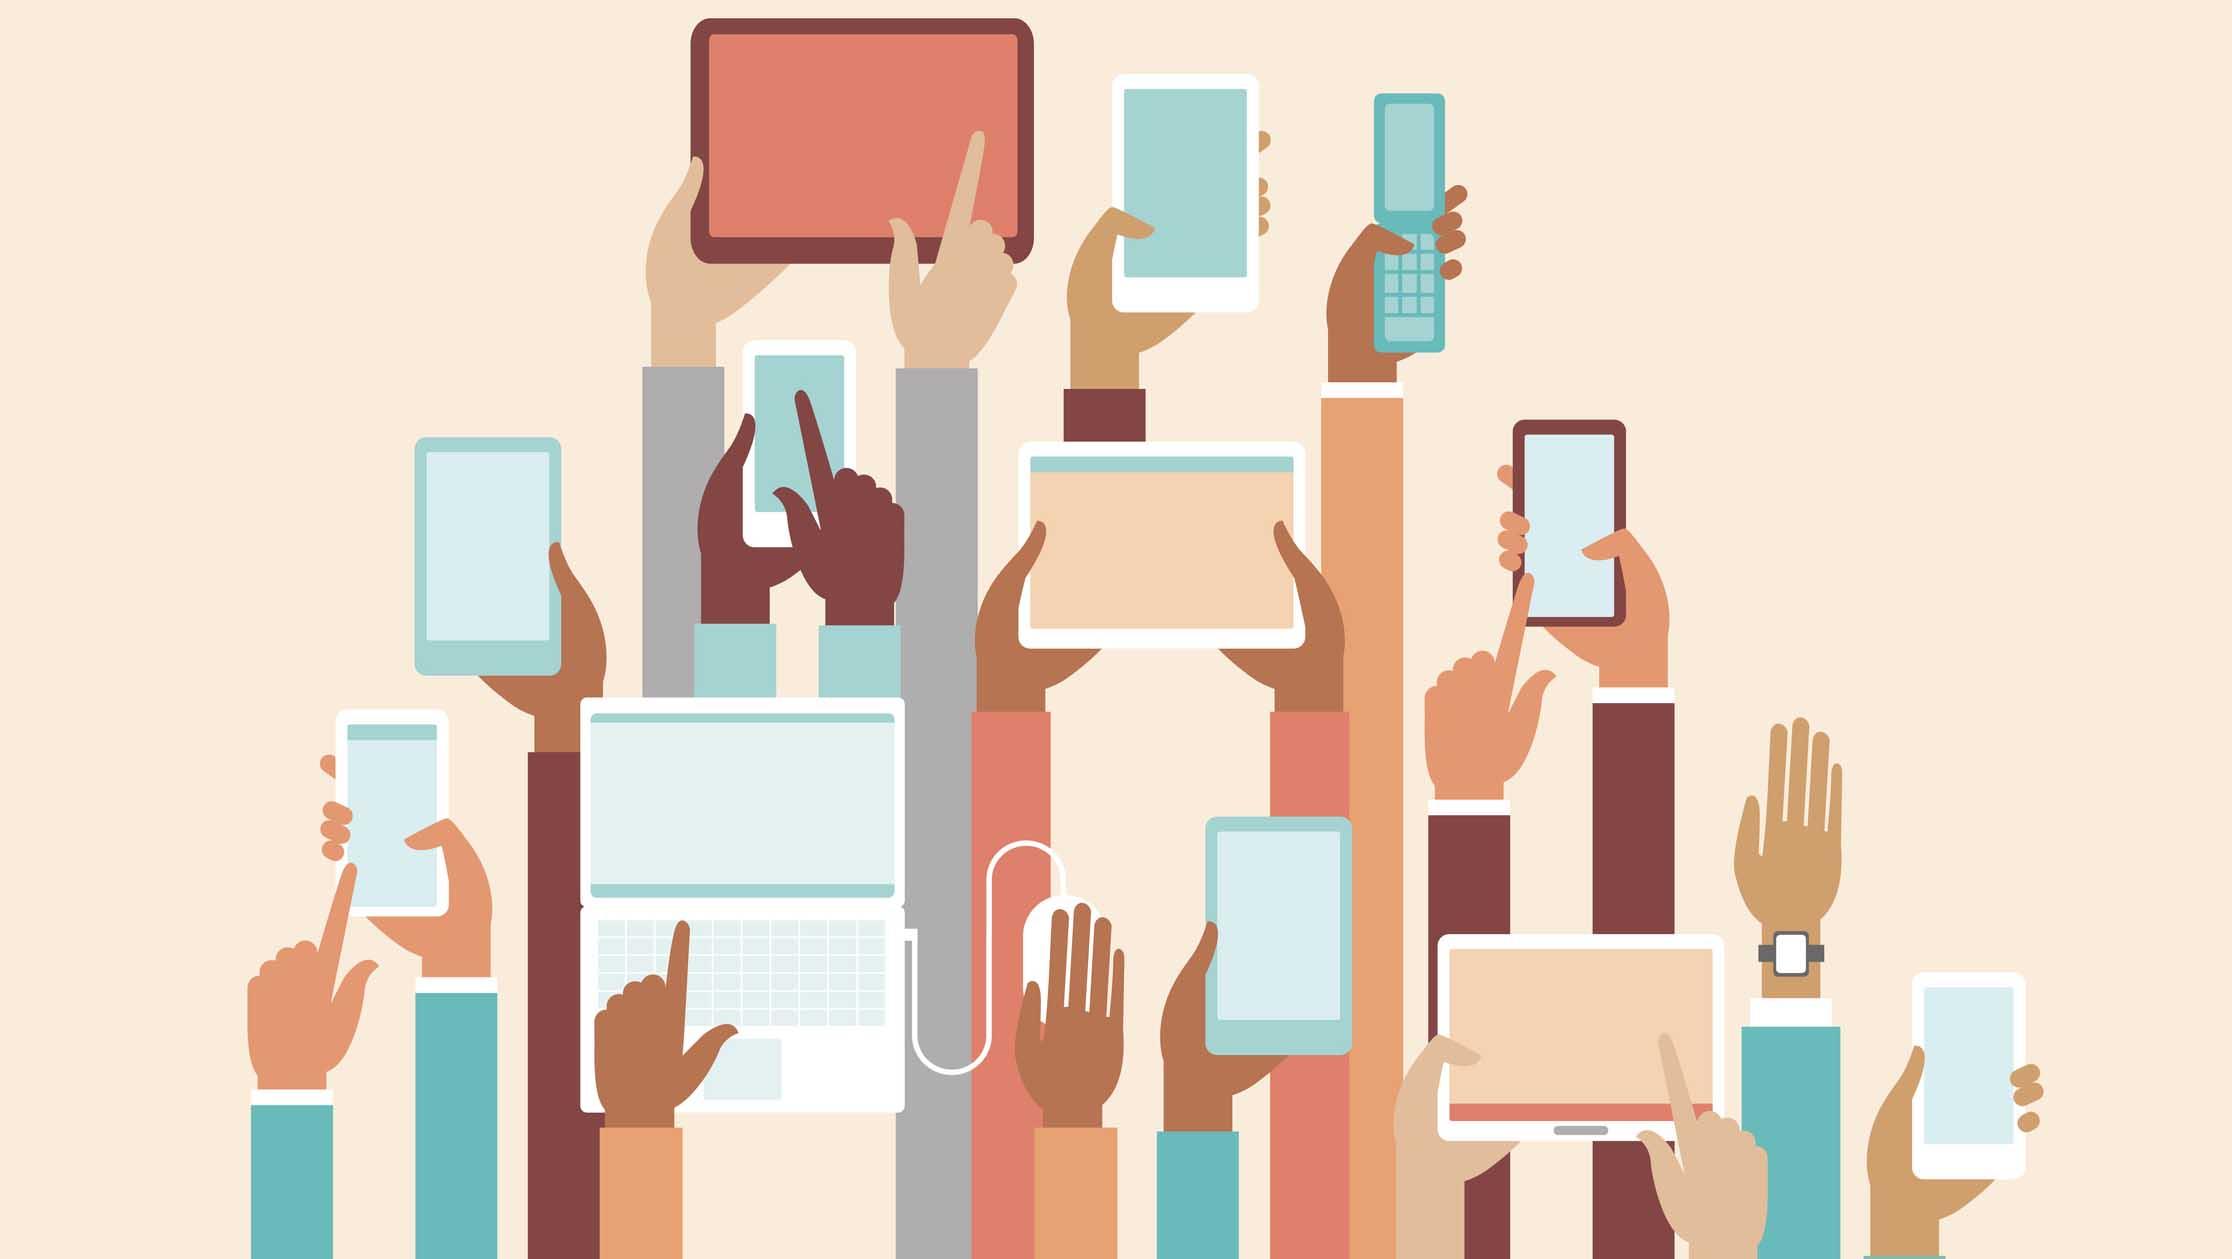 outils numériques tenus dans des mains sur fond rose